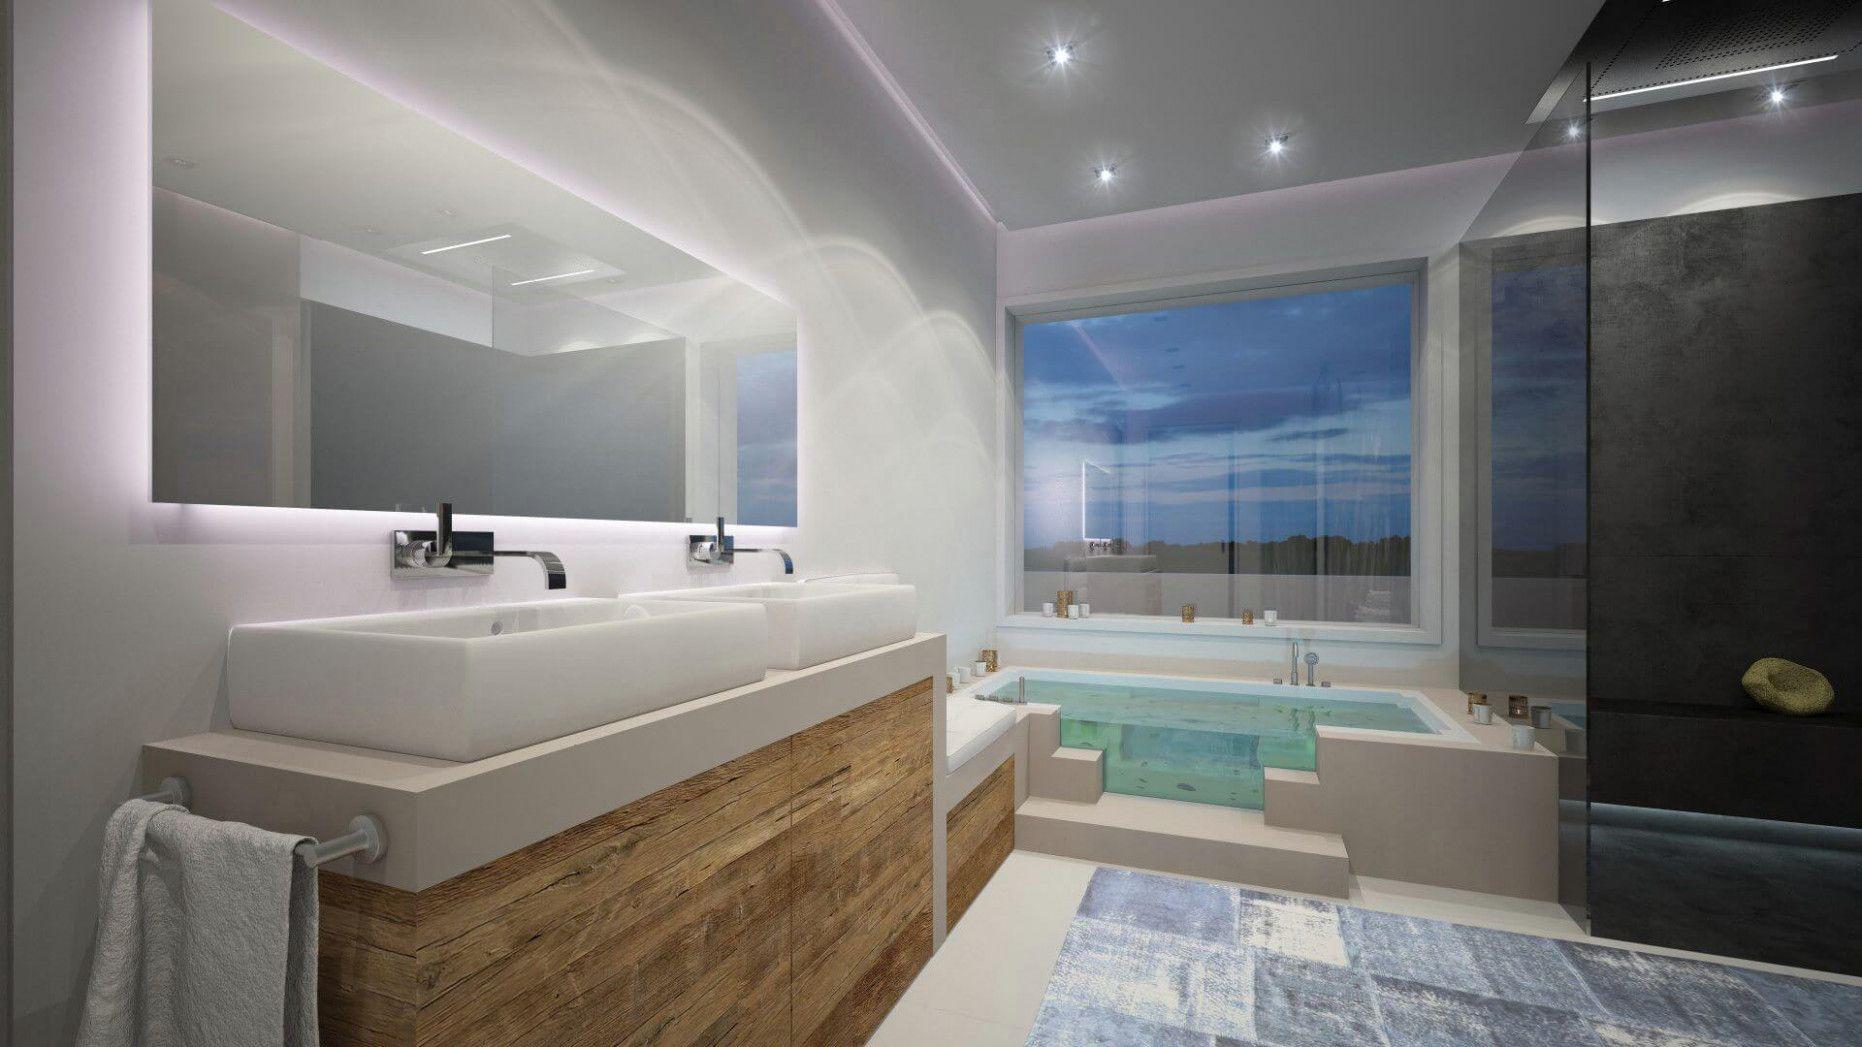 11 Handlungen Ideen Fashionable In 2020 Badgestaltung Modernes Badezimmer Moderne Kleine Badezimmer